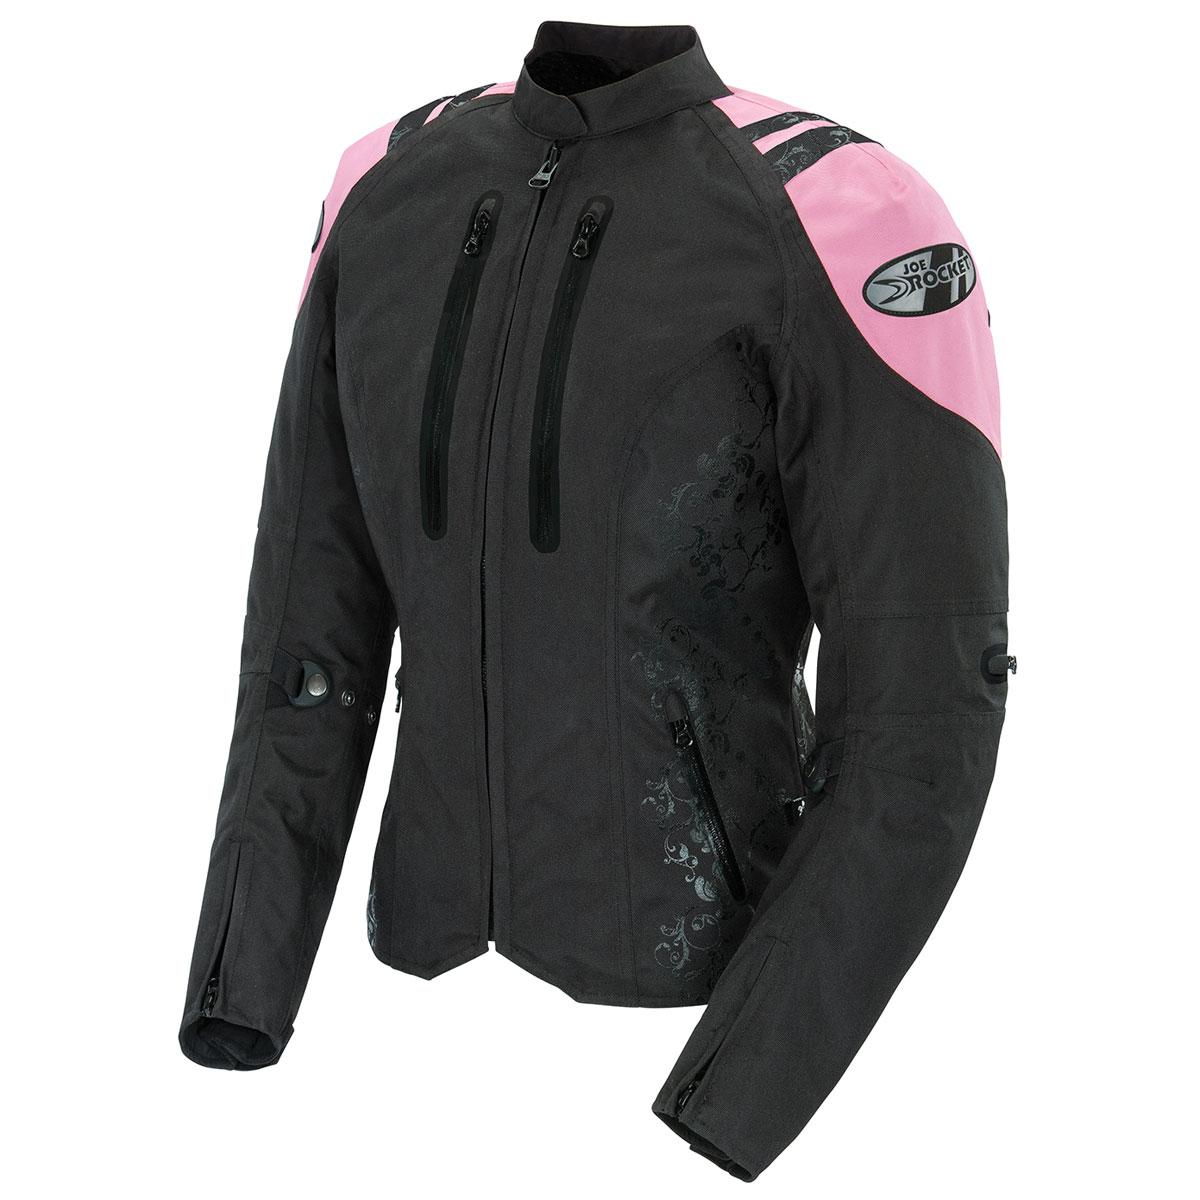 Joe Rocket Women's Atomic 4.0 Waterproof Pink/Black Jacket